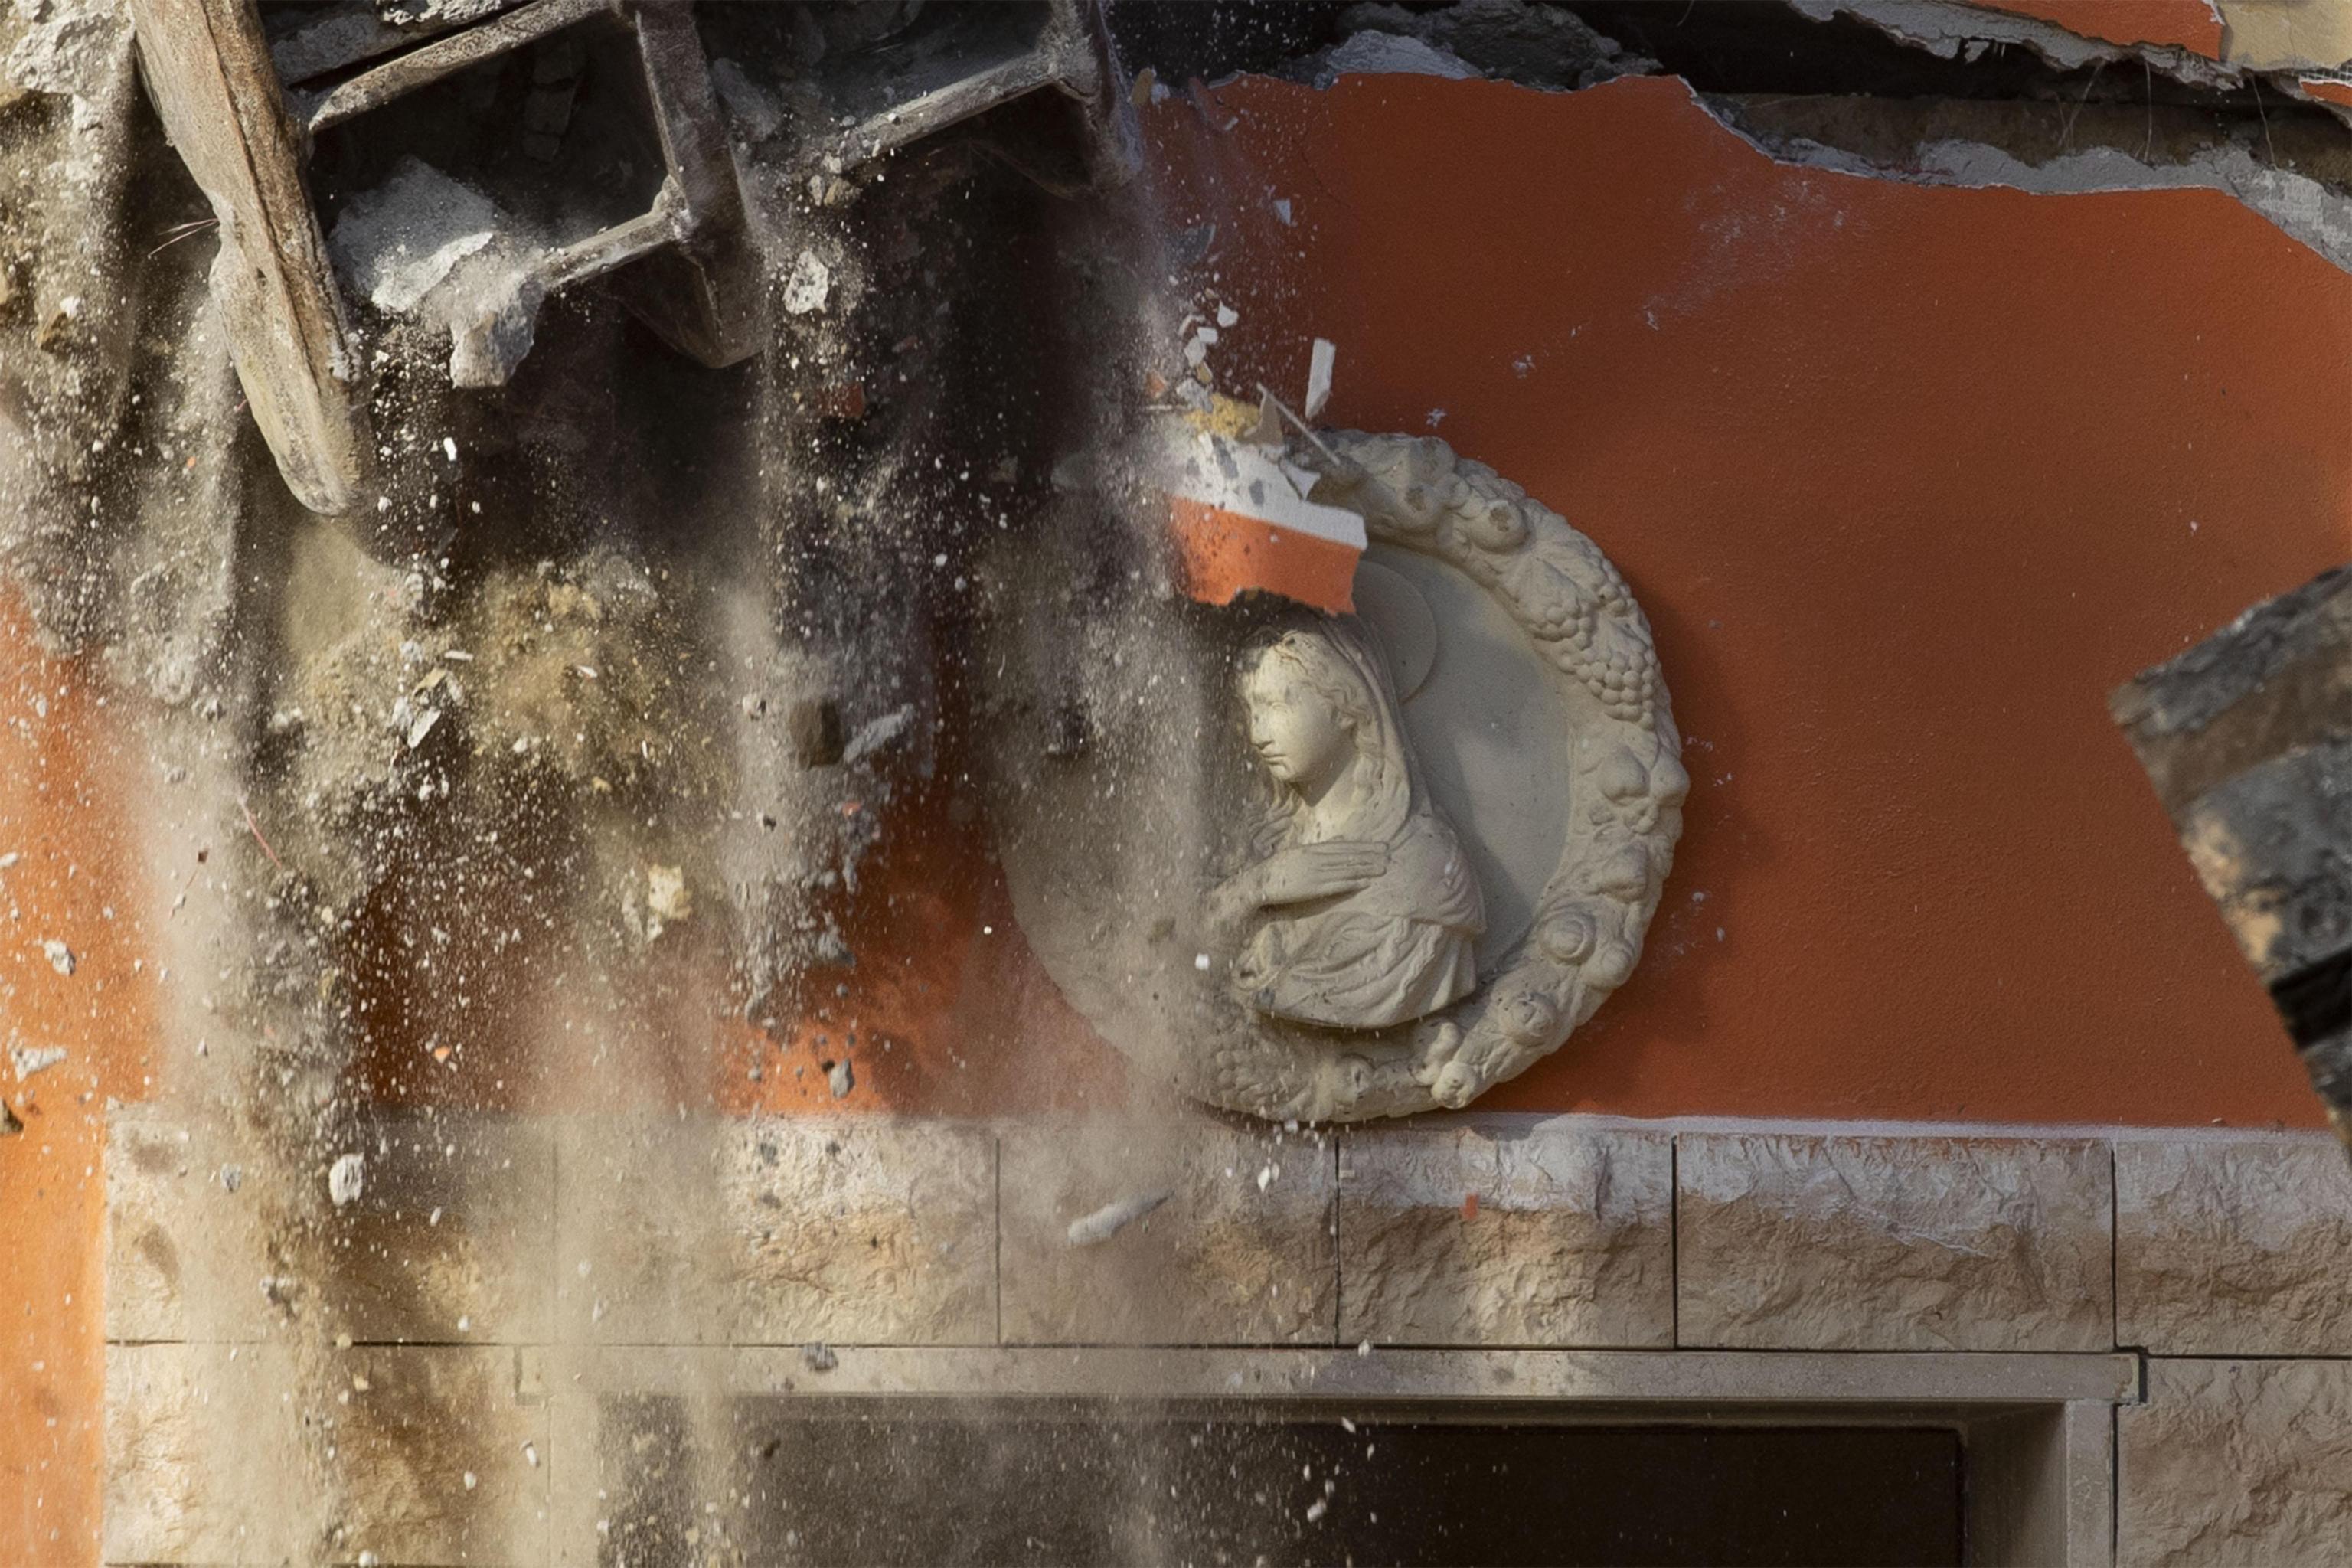 italia-mpoylntozes-katedafisan-tis-viles-mias-mafiozikis-fatrias-fotografies0